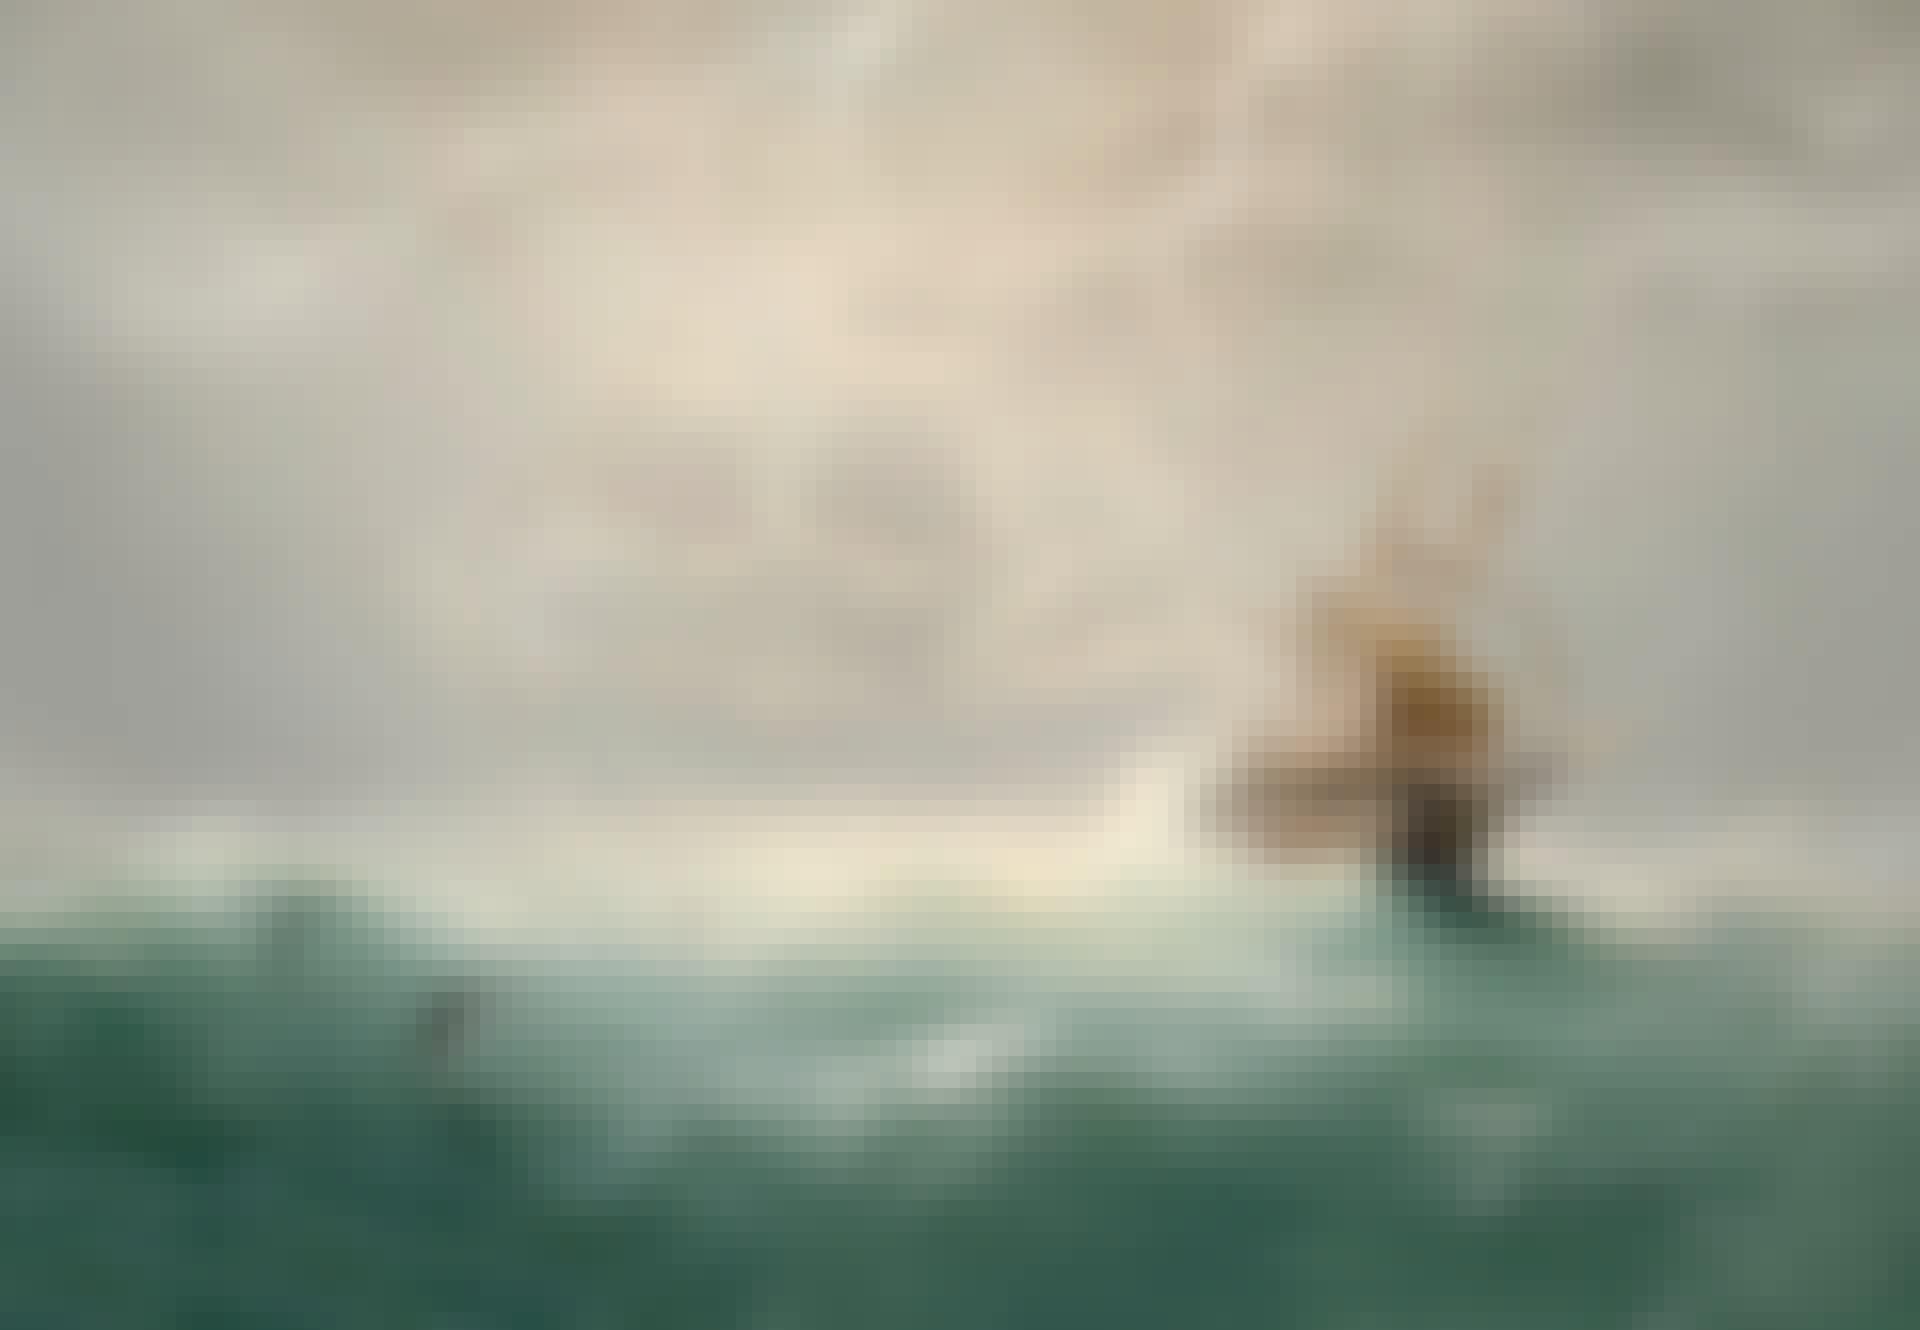 Spøgelsesskibet Den flyvende hollænder